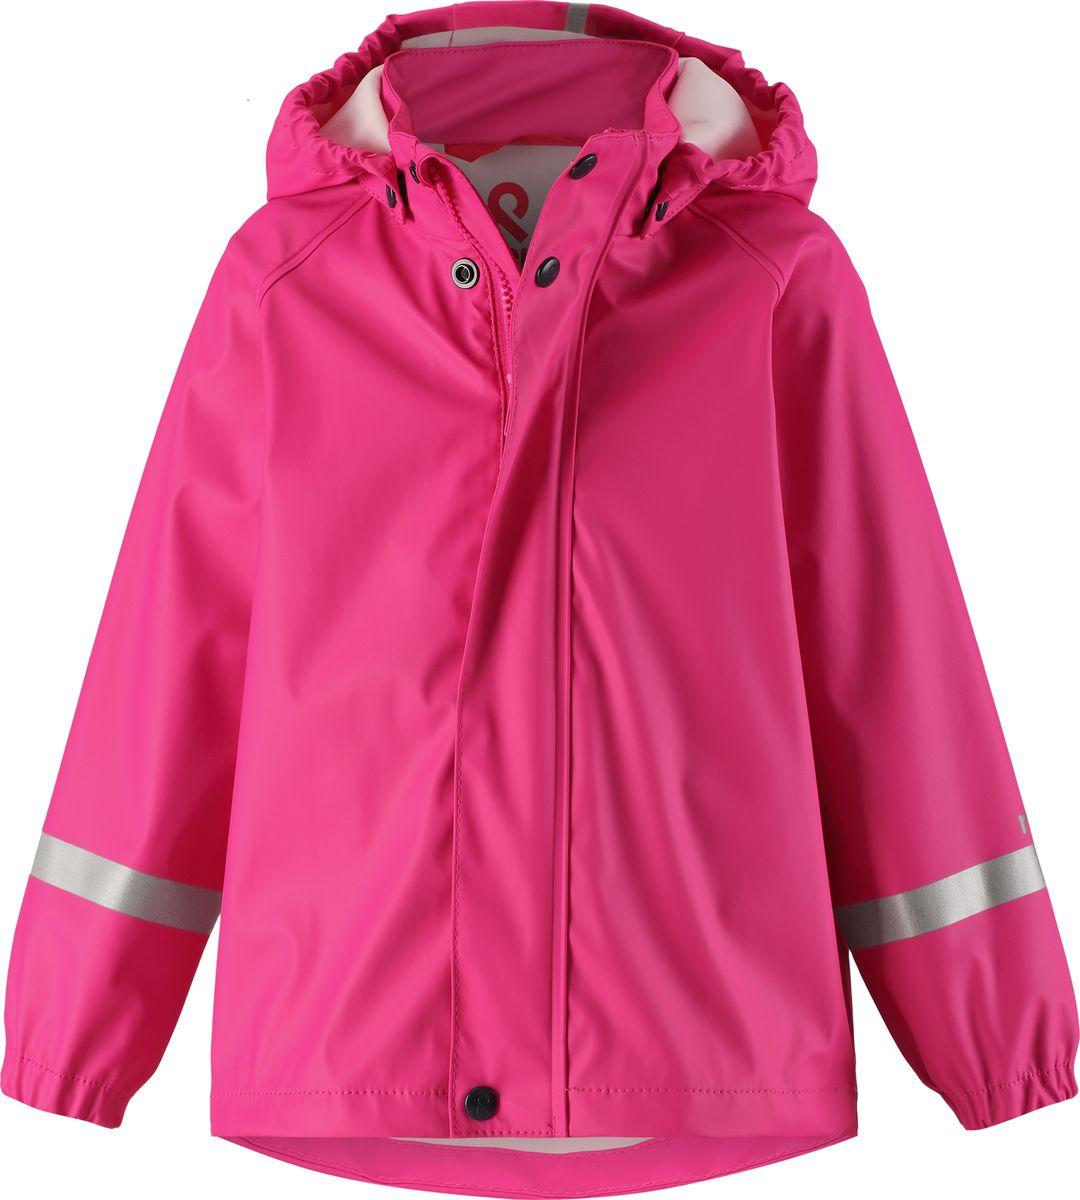 Фото - Дождевик Reima дождевик детский reima lampi цвет розовый 5214915180 размер 98